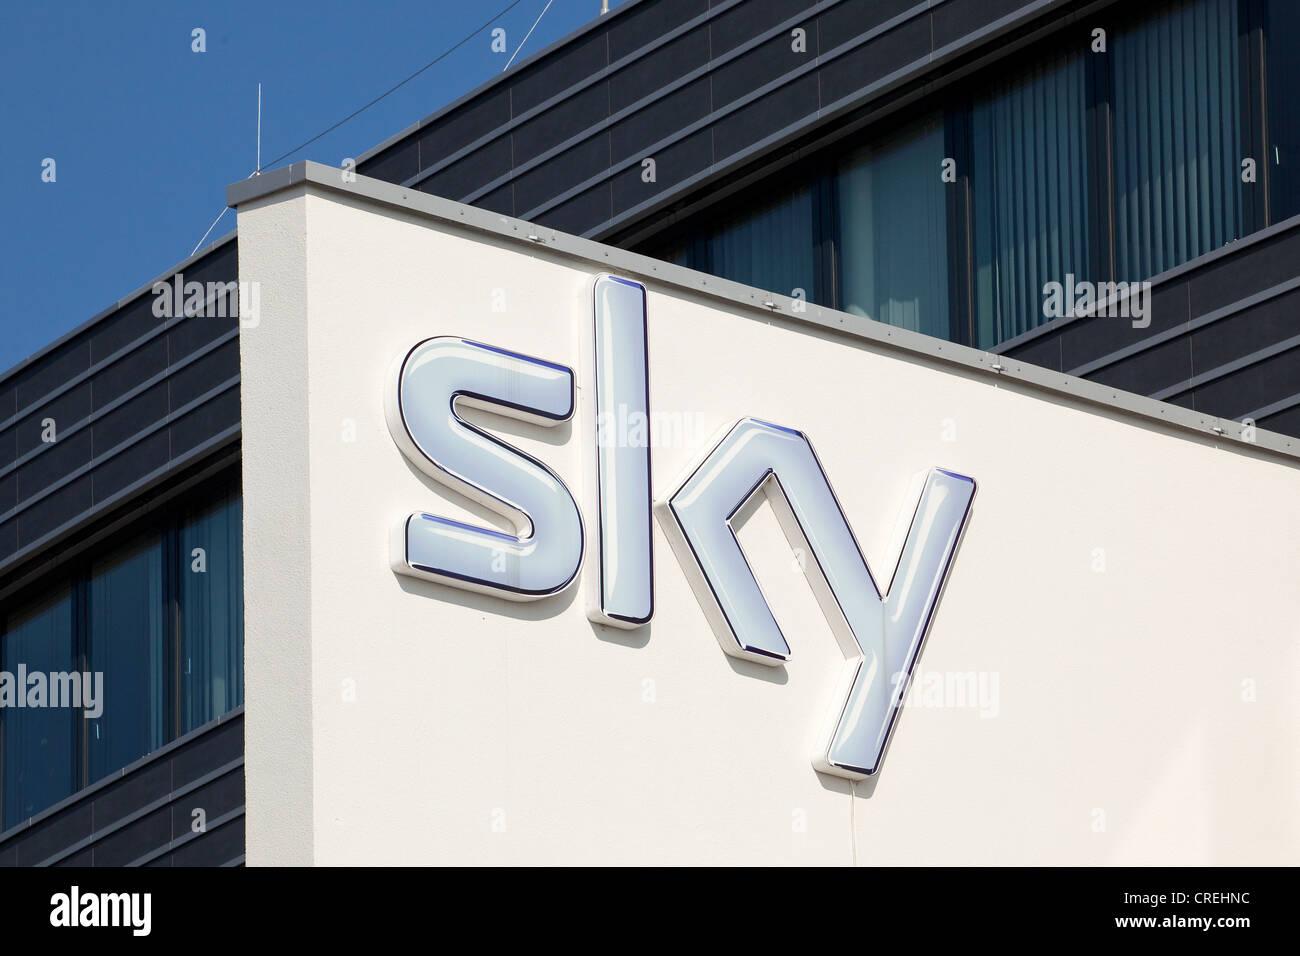 Logo au siège social de la chaîne de télévision à péage Sky Deutschland AG Unterfoehring Photo Stock